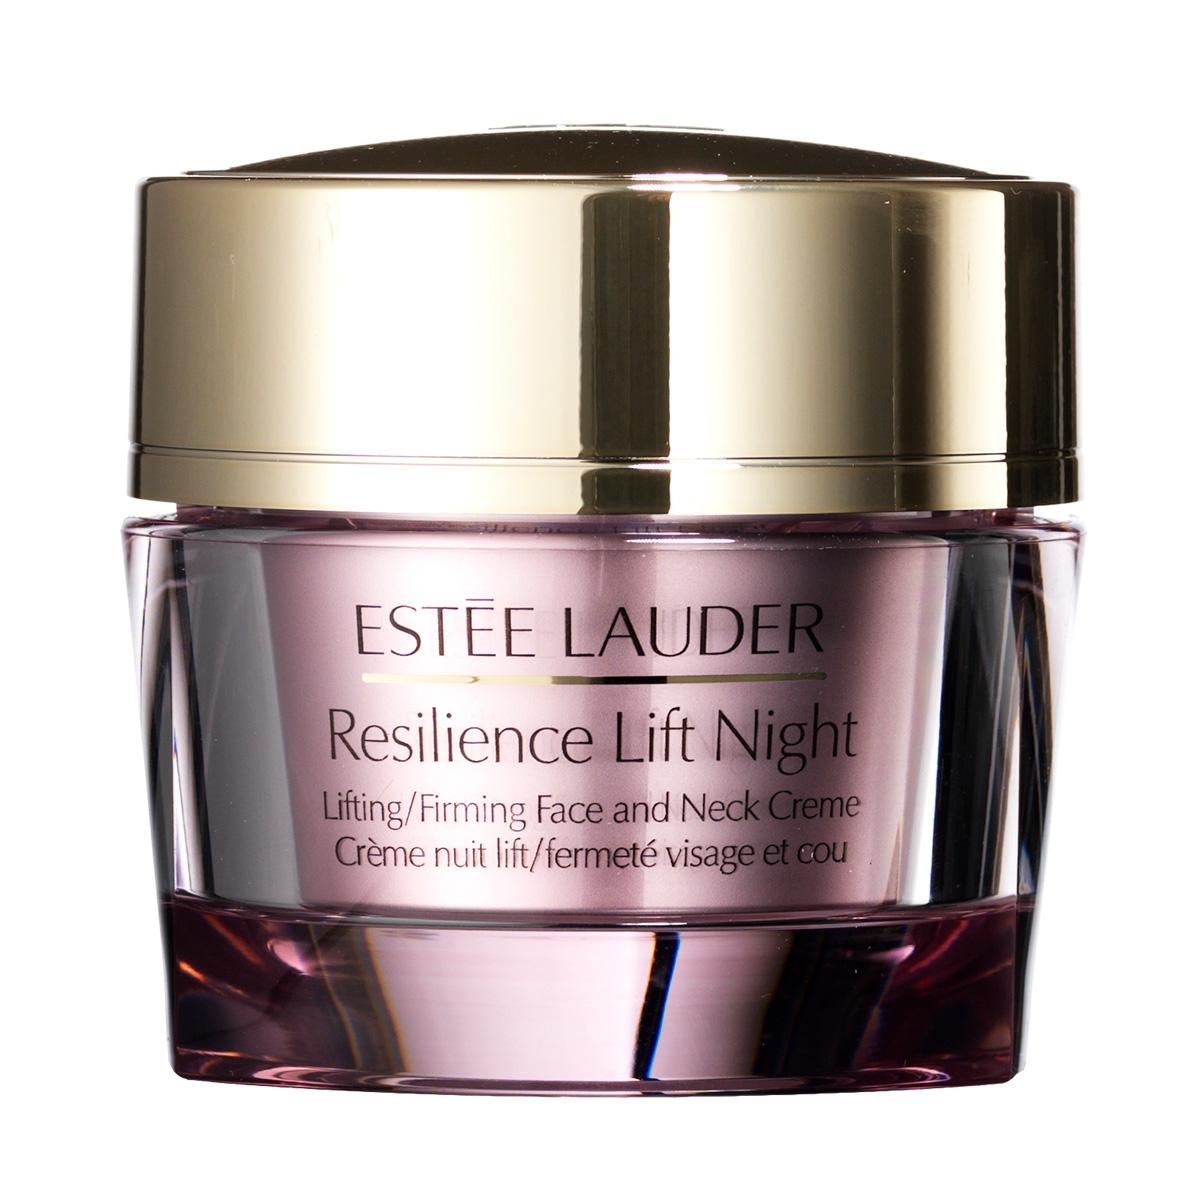 Billede af Estée Lauder Resilience Lift Night Firming Face and Neck Creme - 50 ml